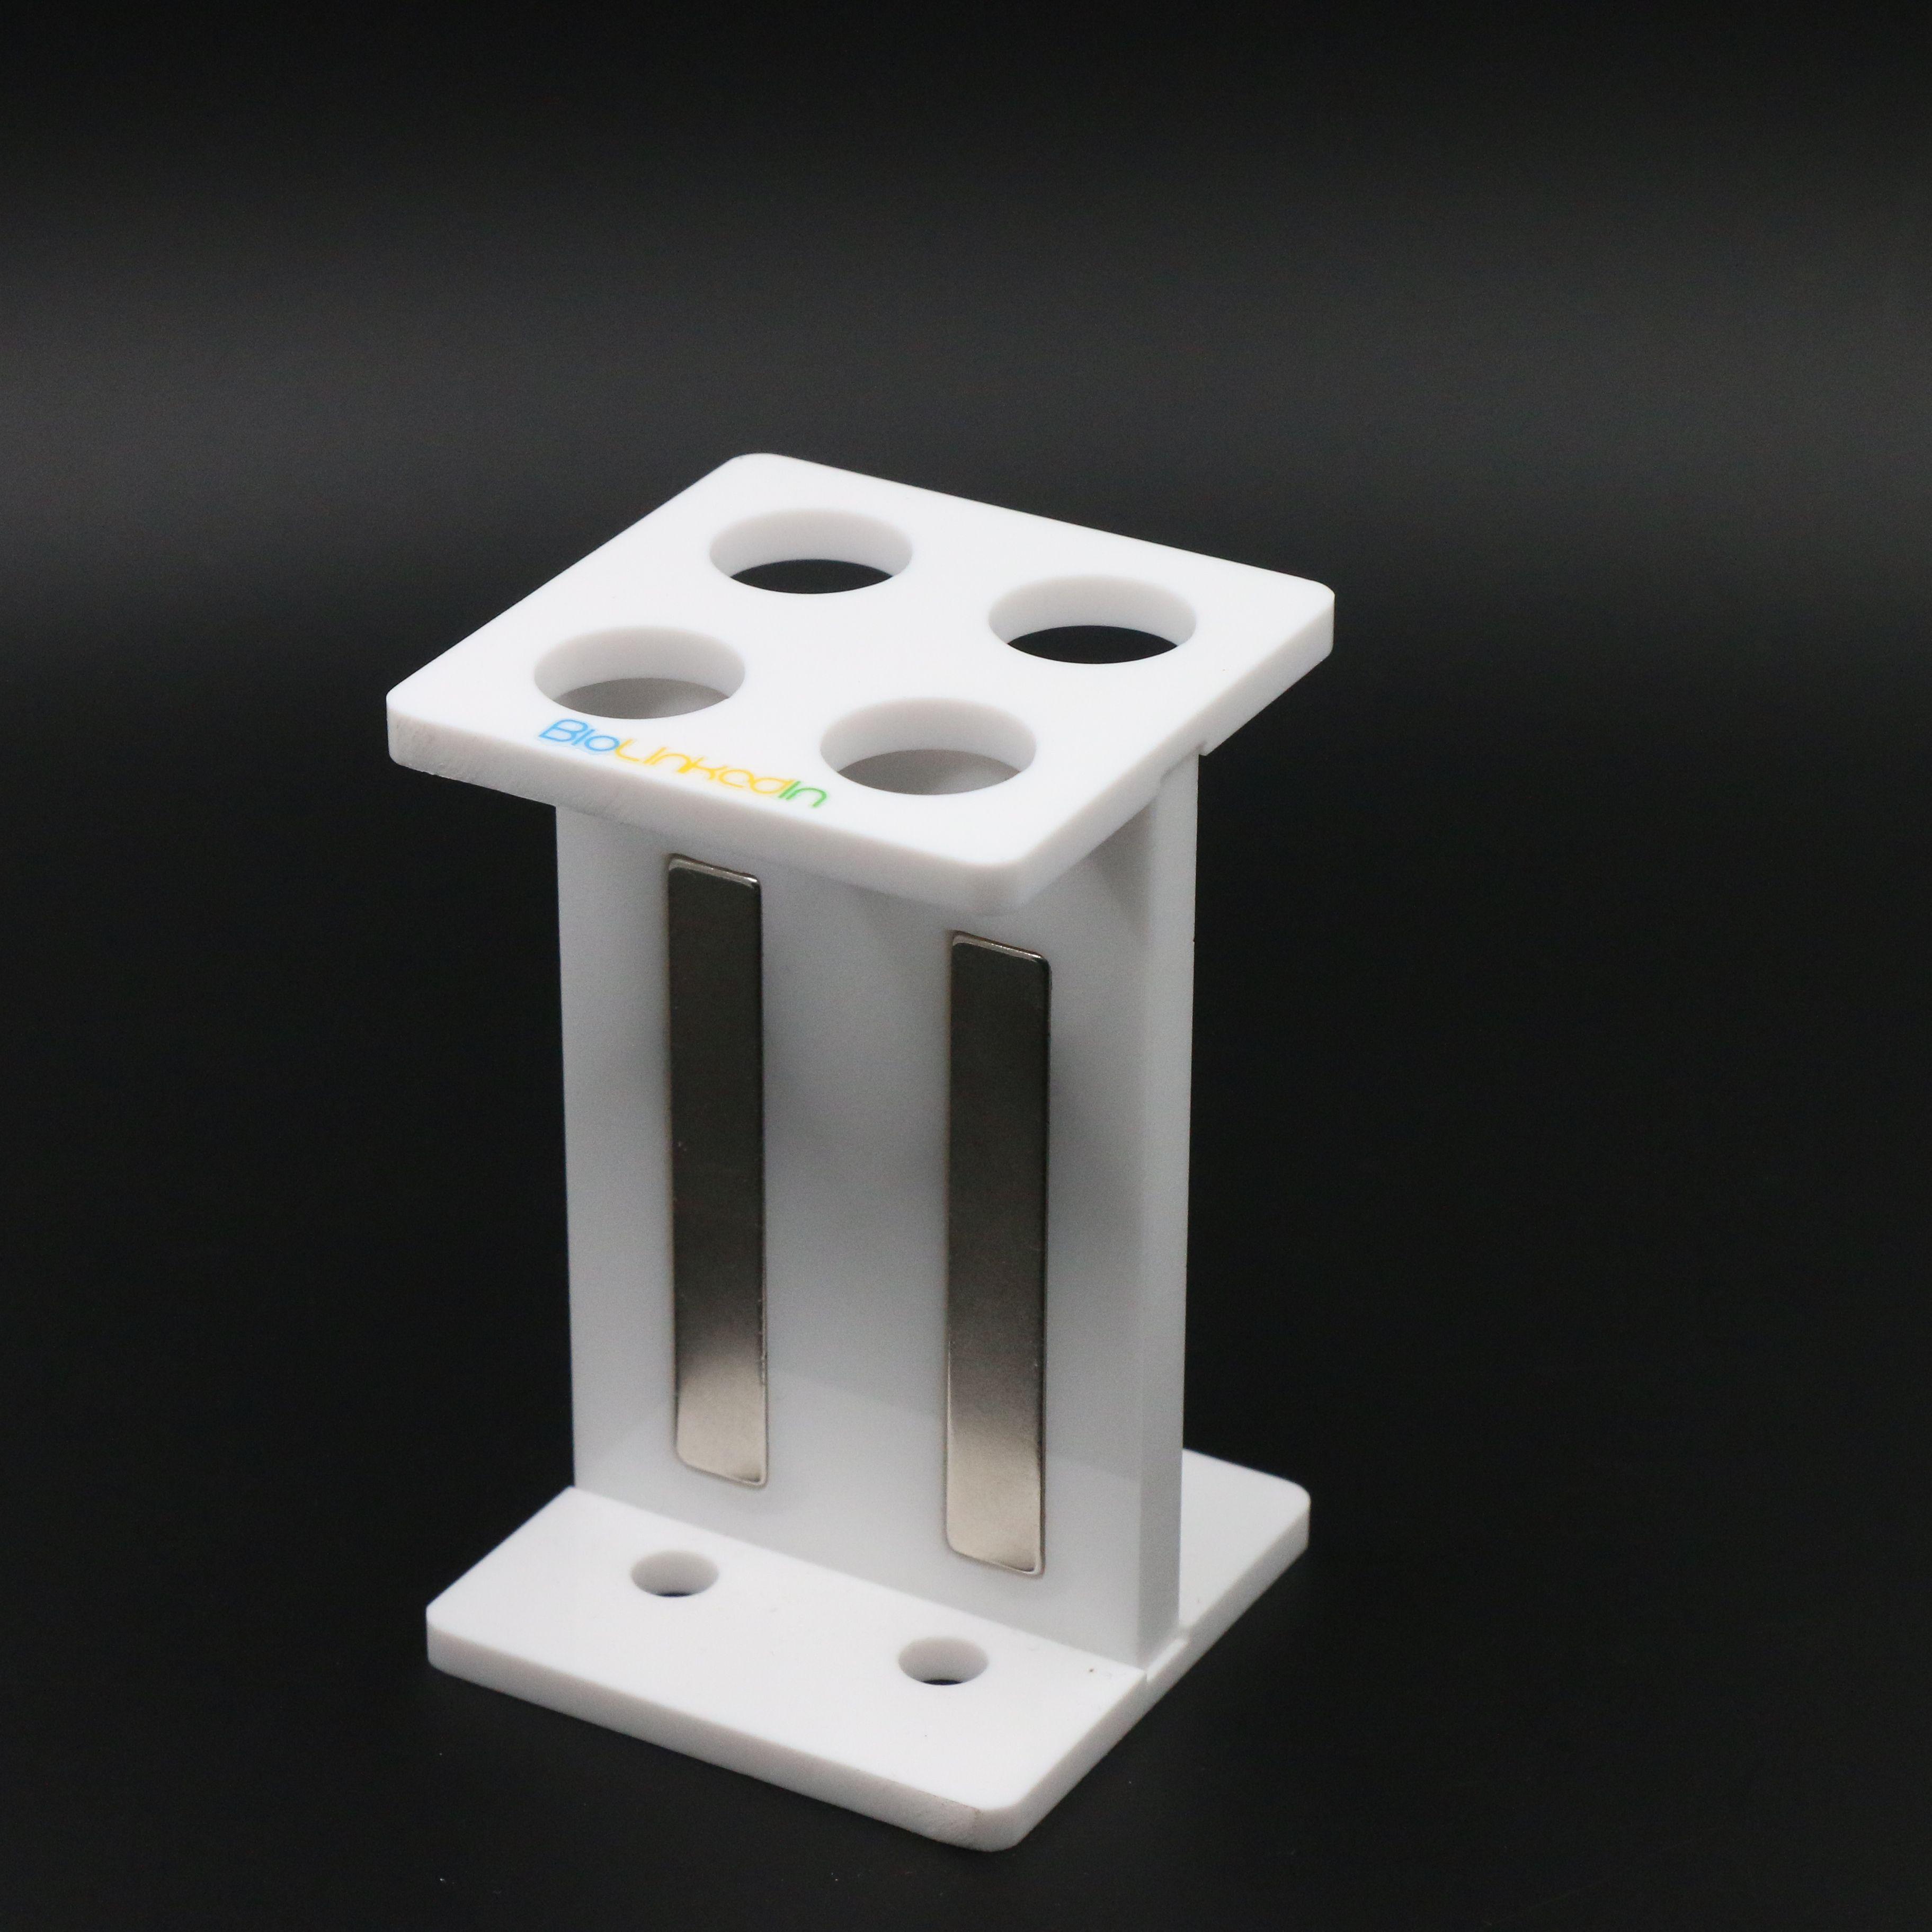 双排4孔 15mL磁力架